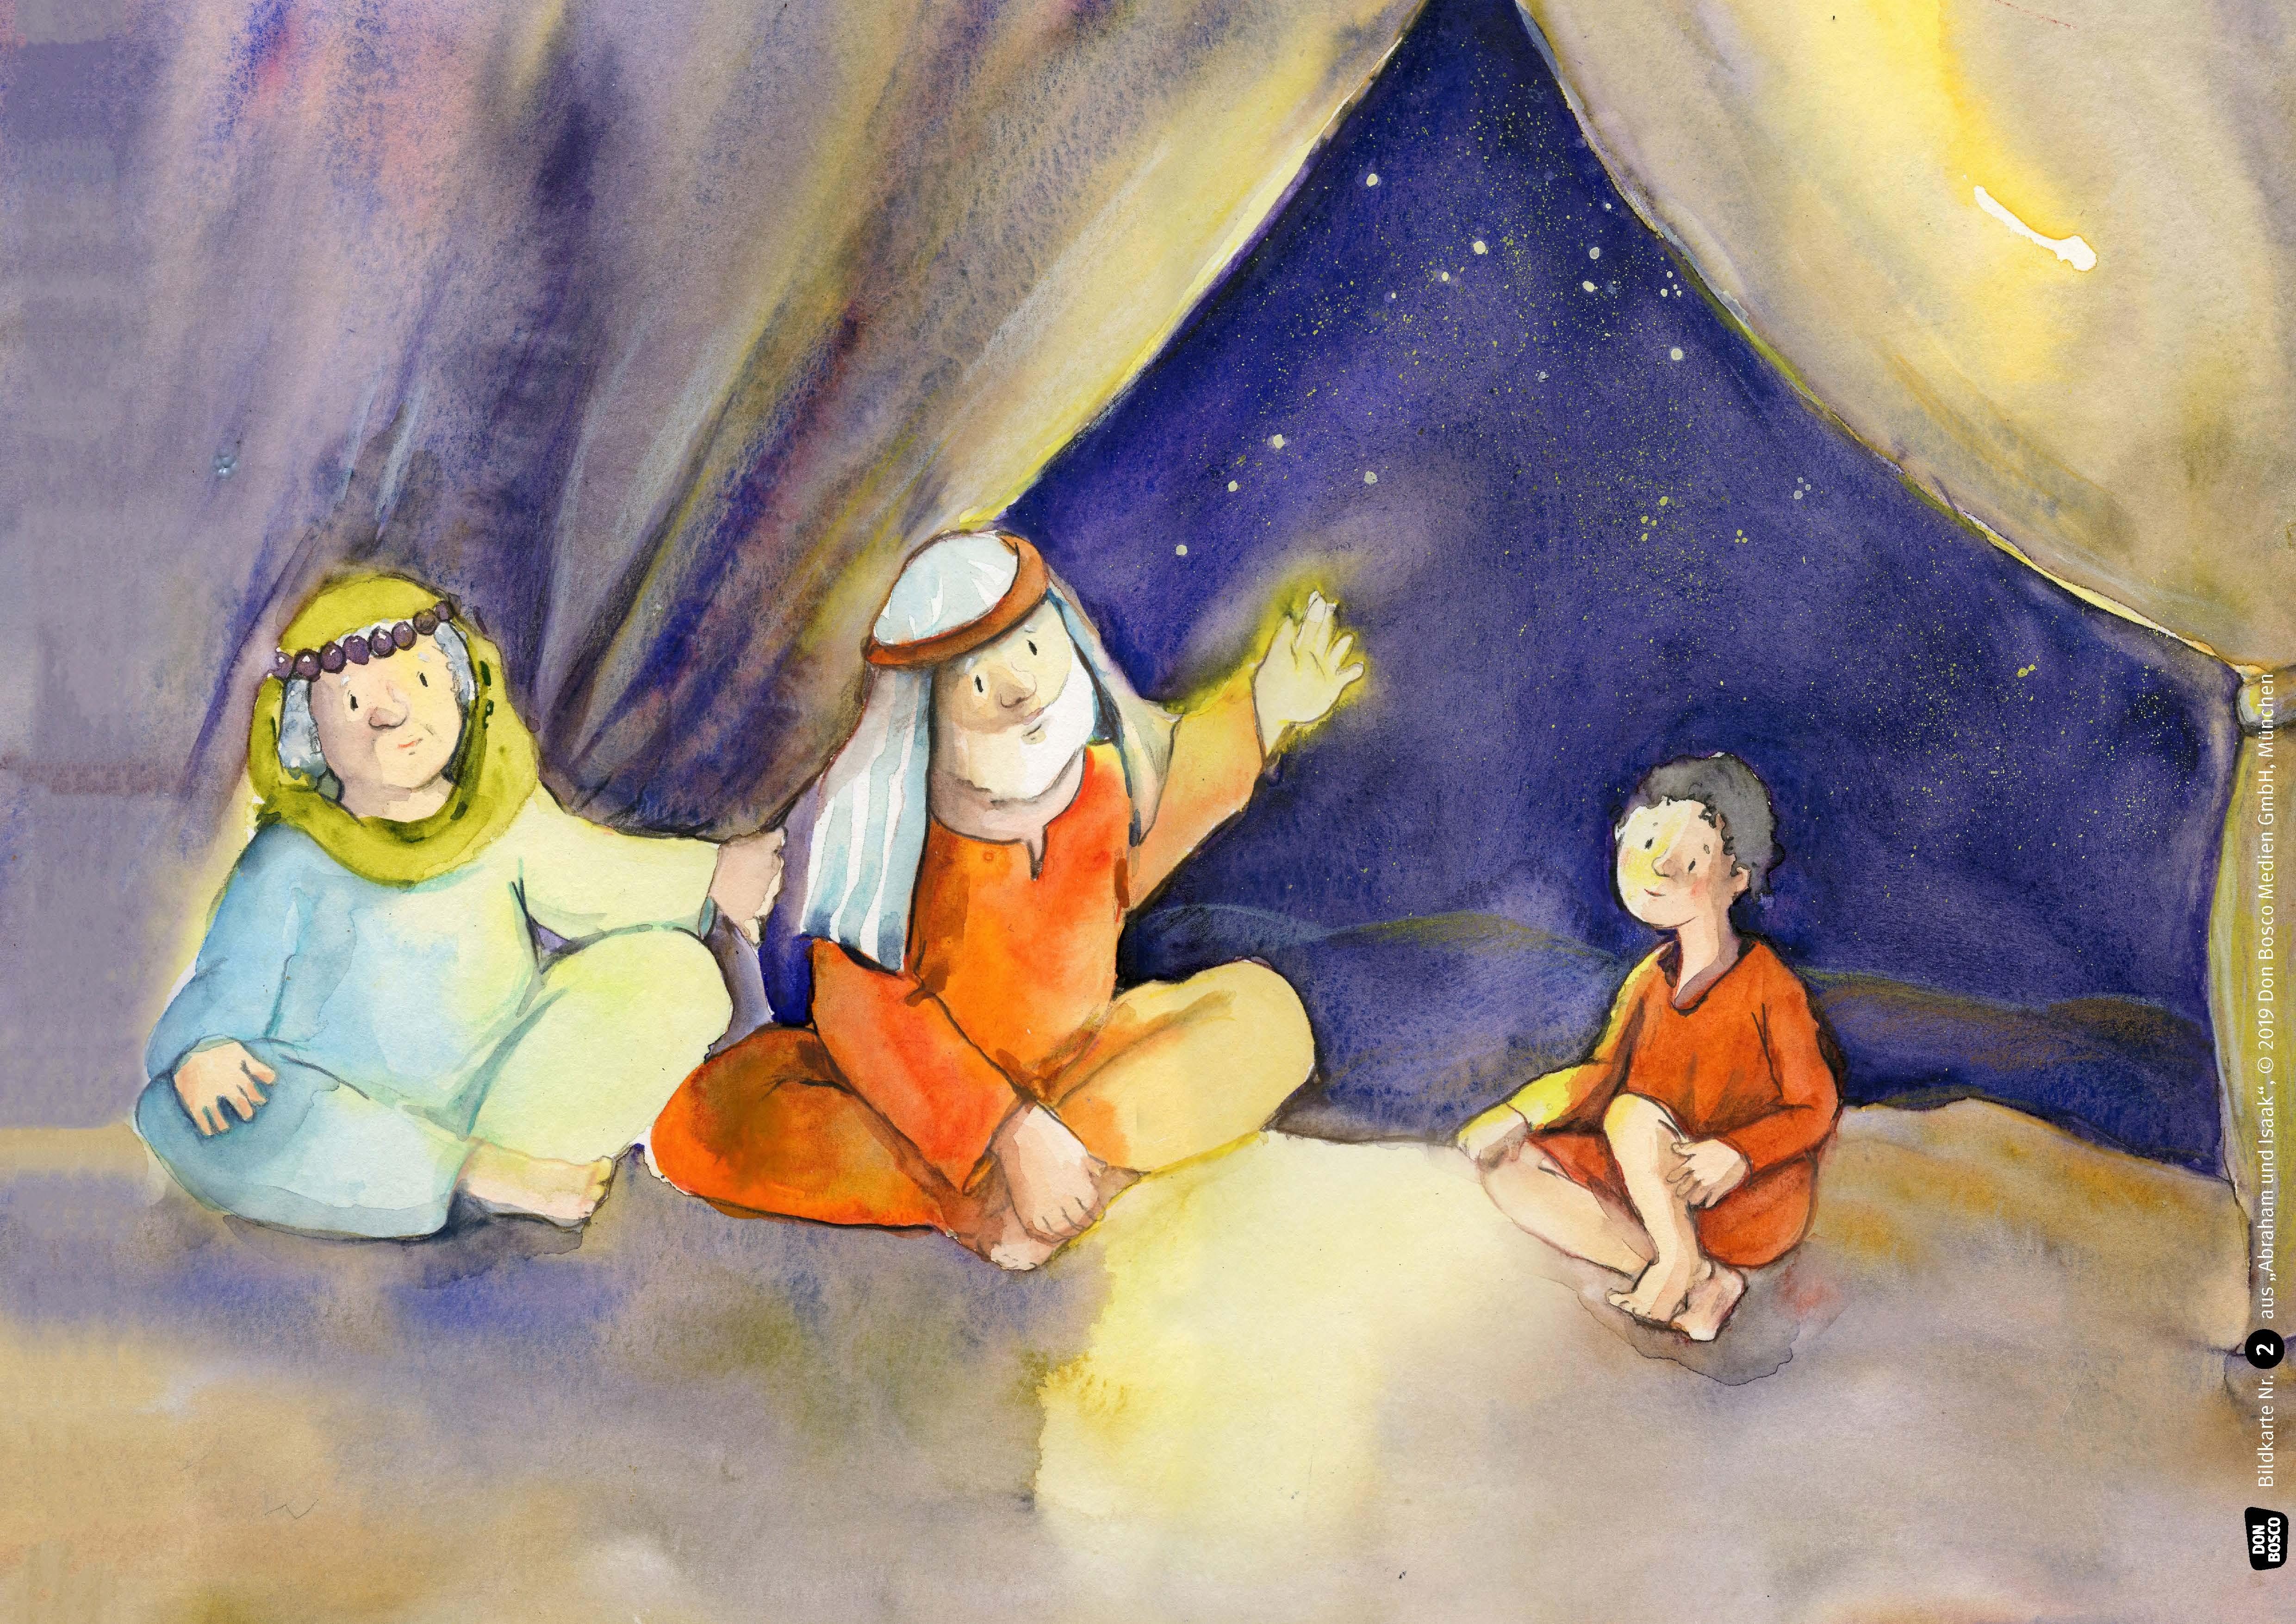 Innenansicht zu Abraham und Isaak. eKami.